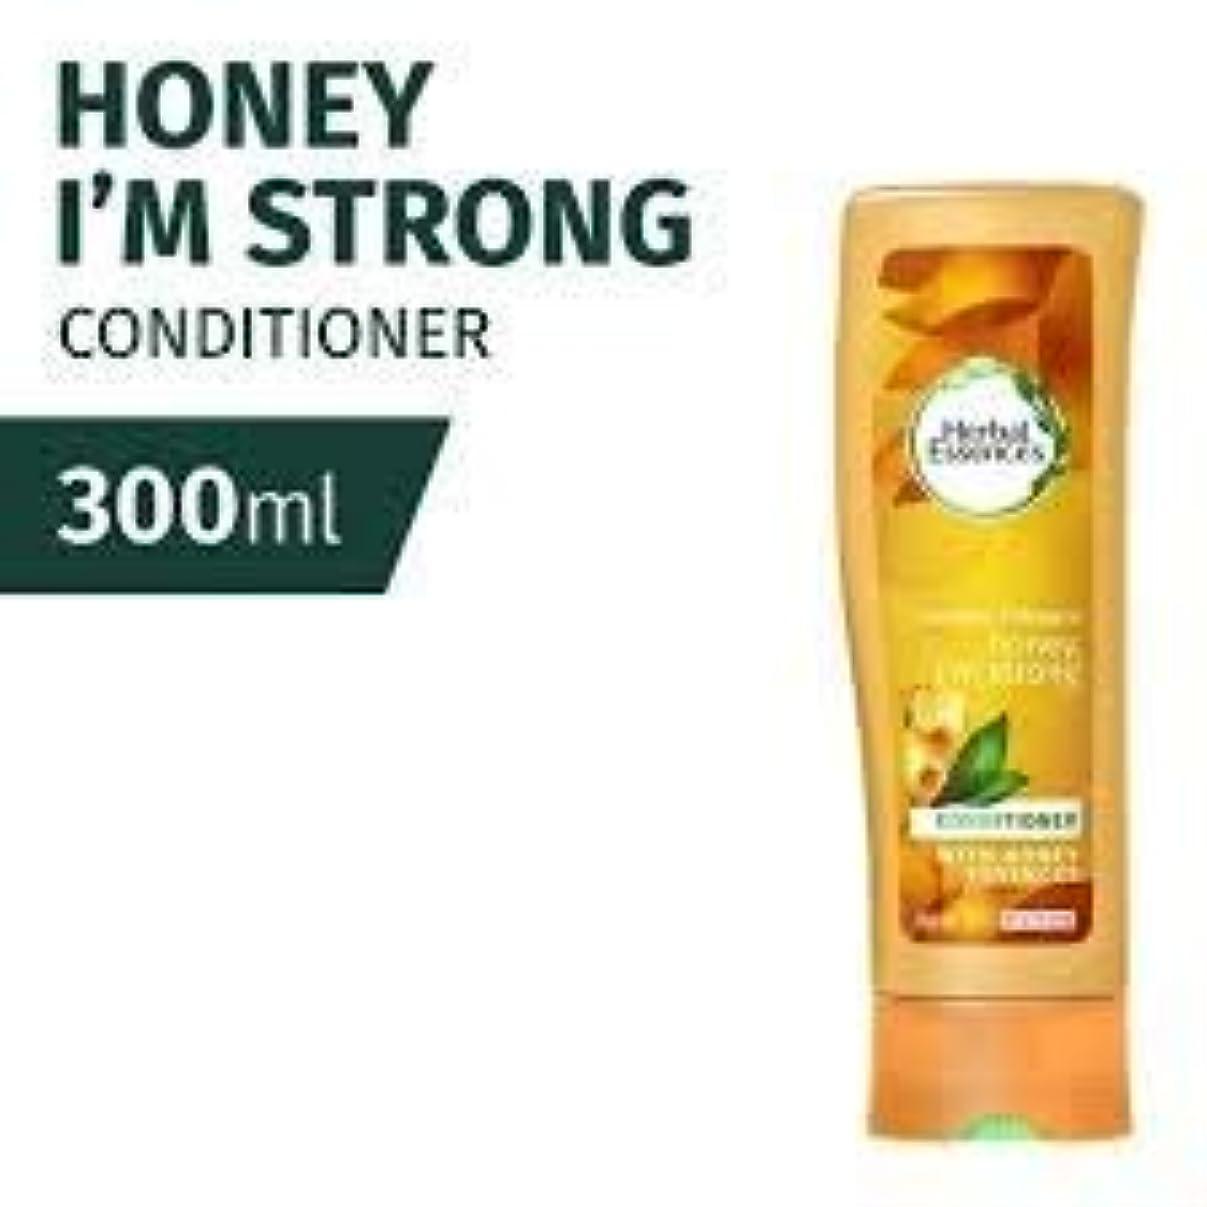 稼ぐクロスファイルCLAIROL HERBAL ESSENCES ハニーは、私は強いコンディショナー300ミリリットルのだ - それを甘いパワーを与えて、蜂蜜の風味が豊かでクリーミーな風味は保湿が髪を修復混合して